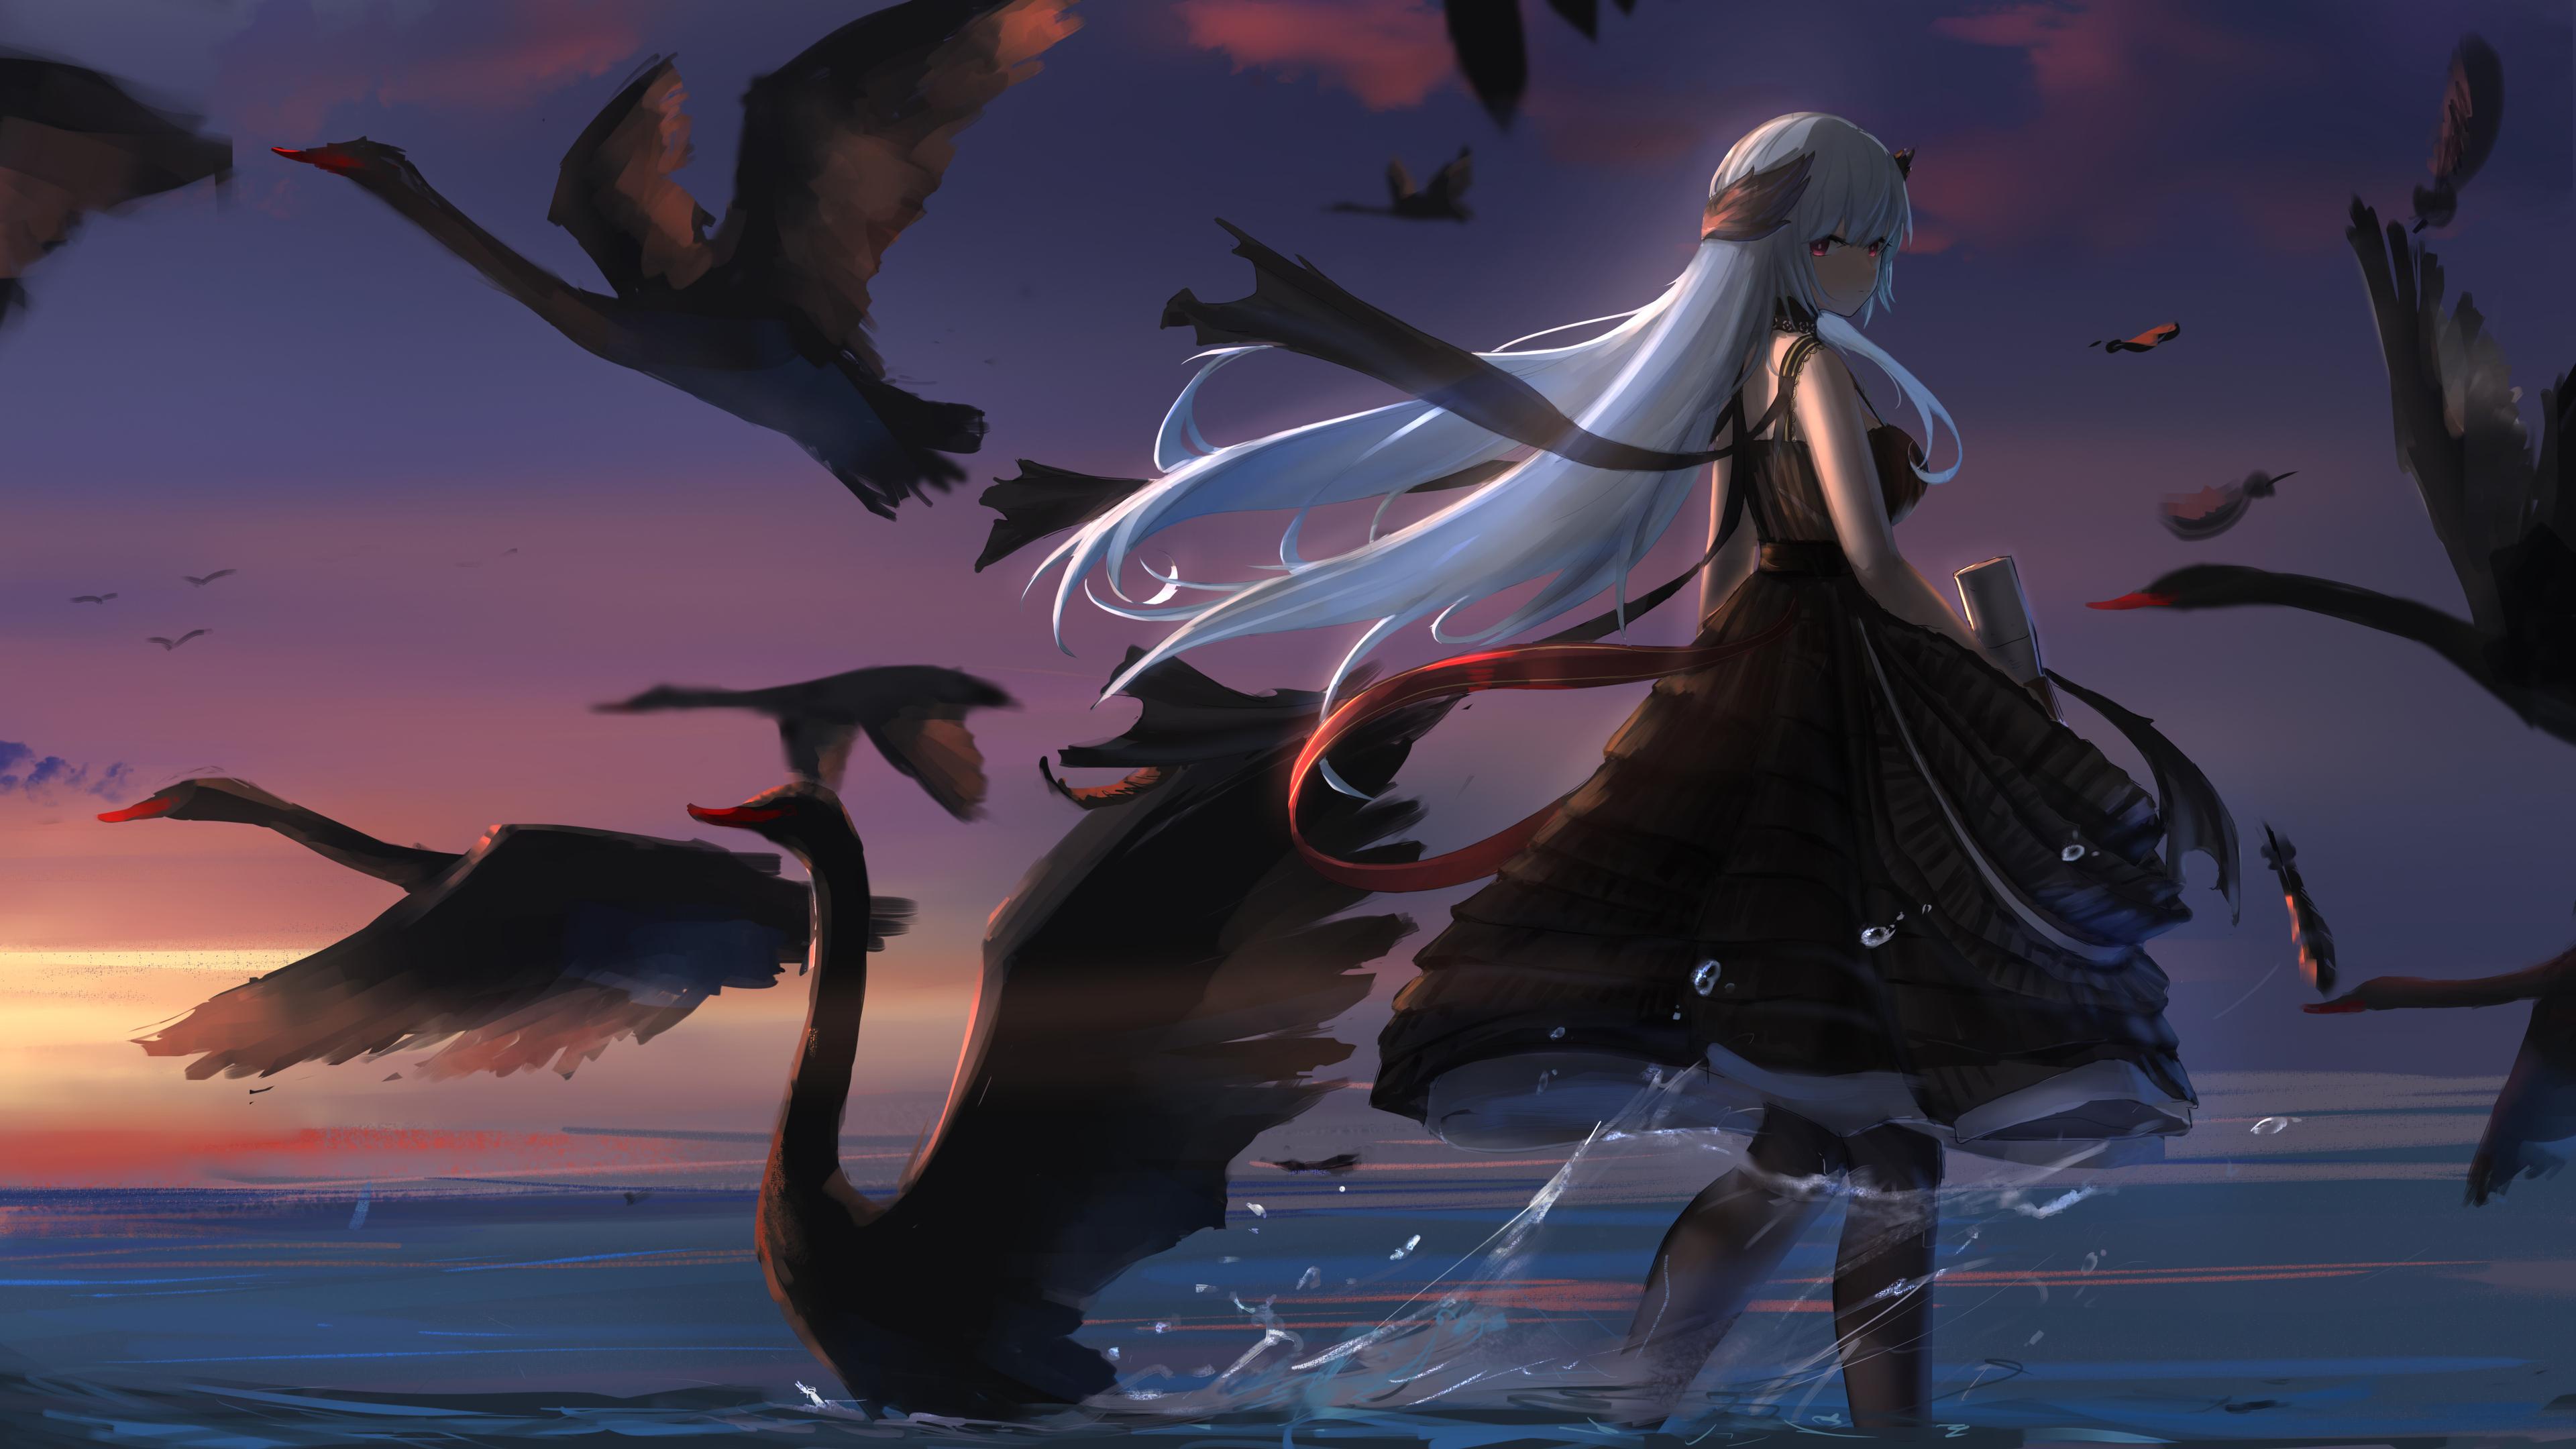 3840x2160 Anime Girl Frontline 4k 4k HD 4k Wallpapers ...